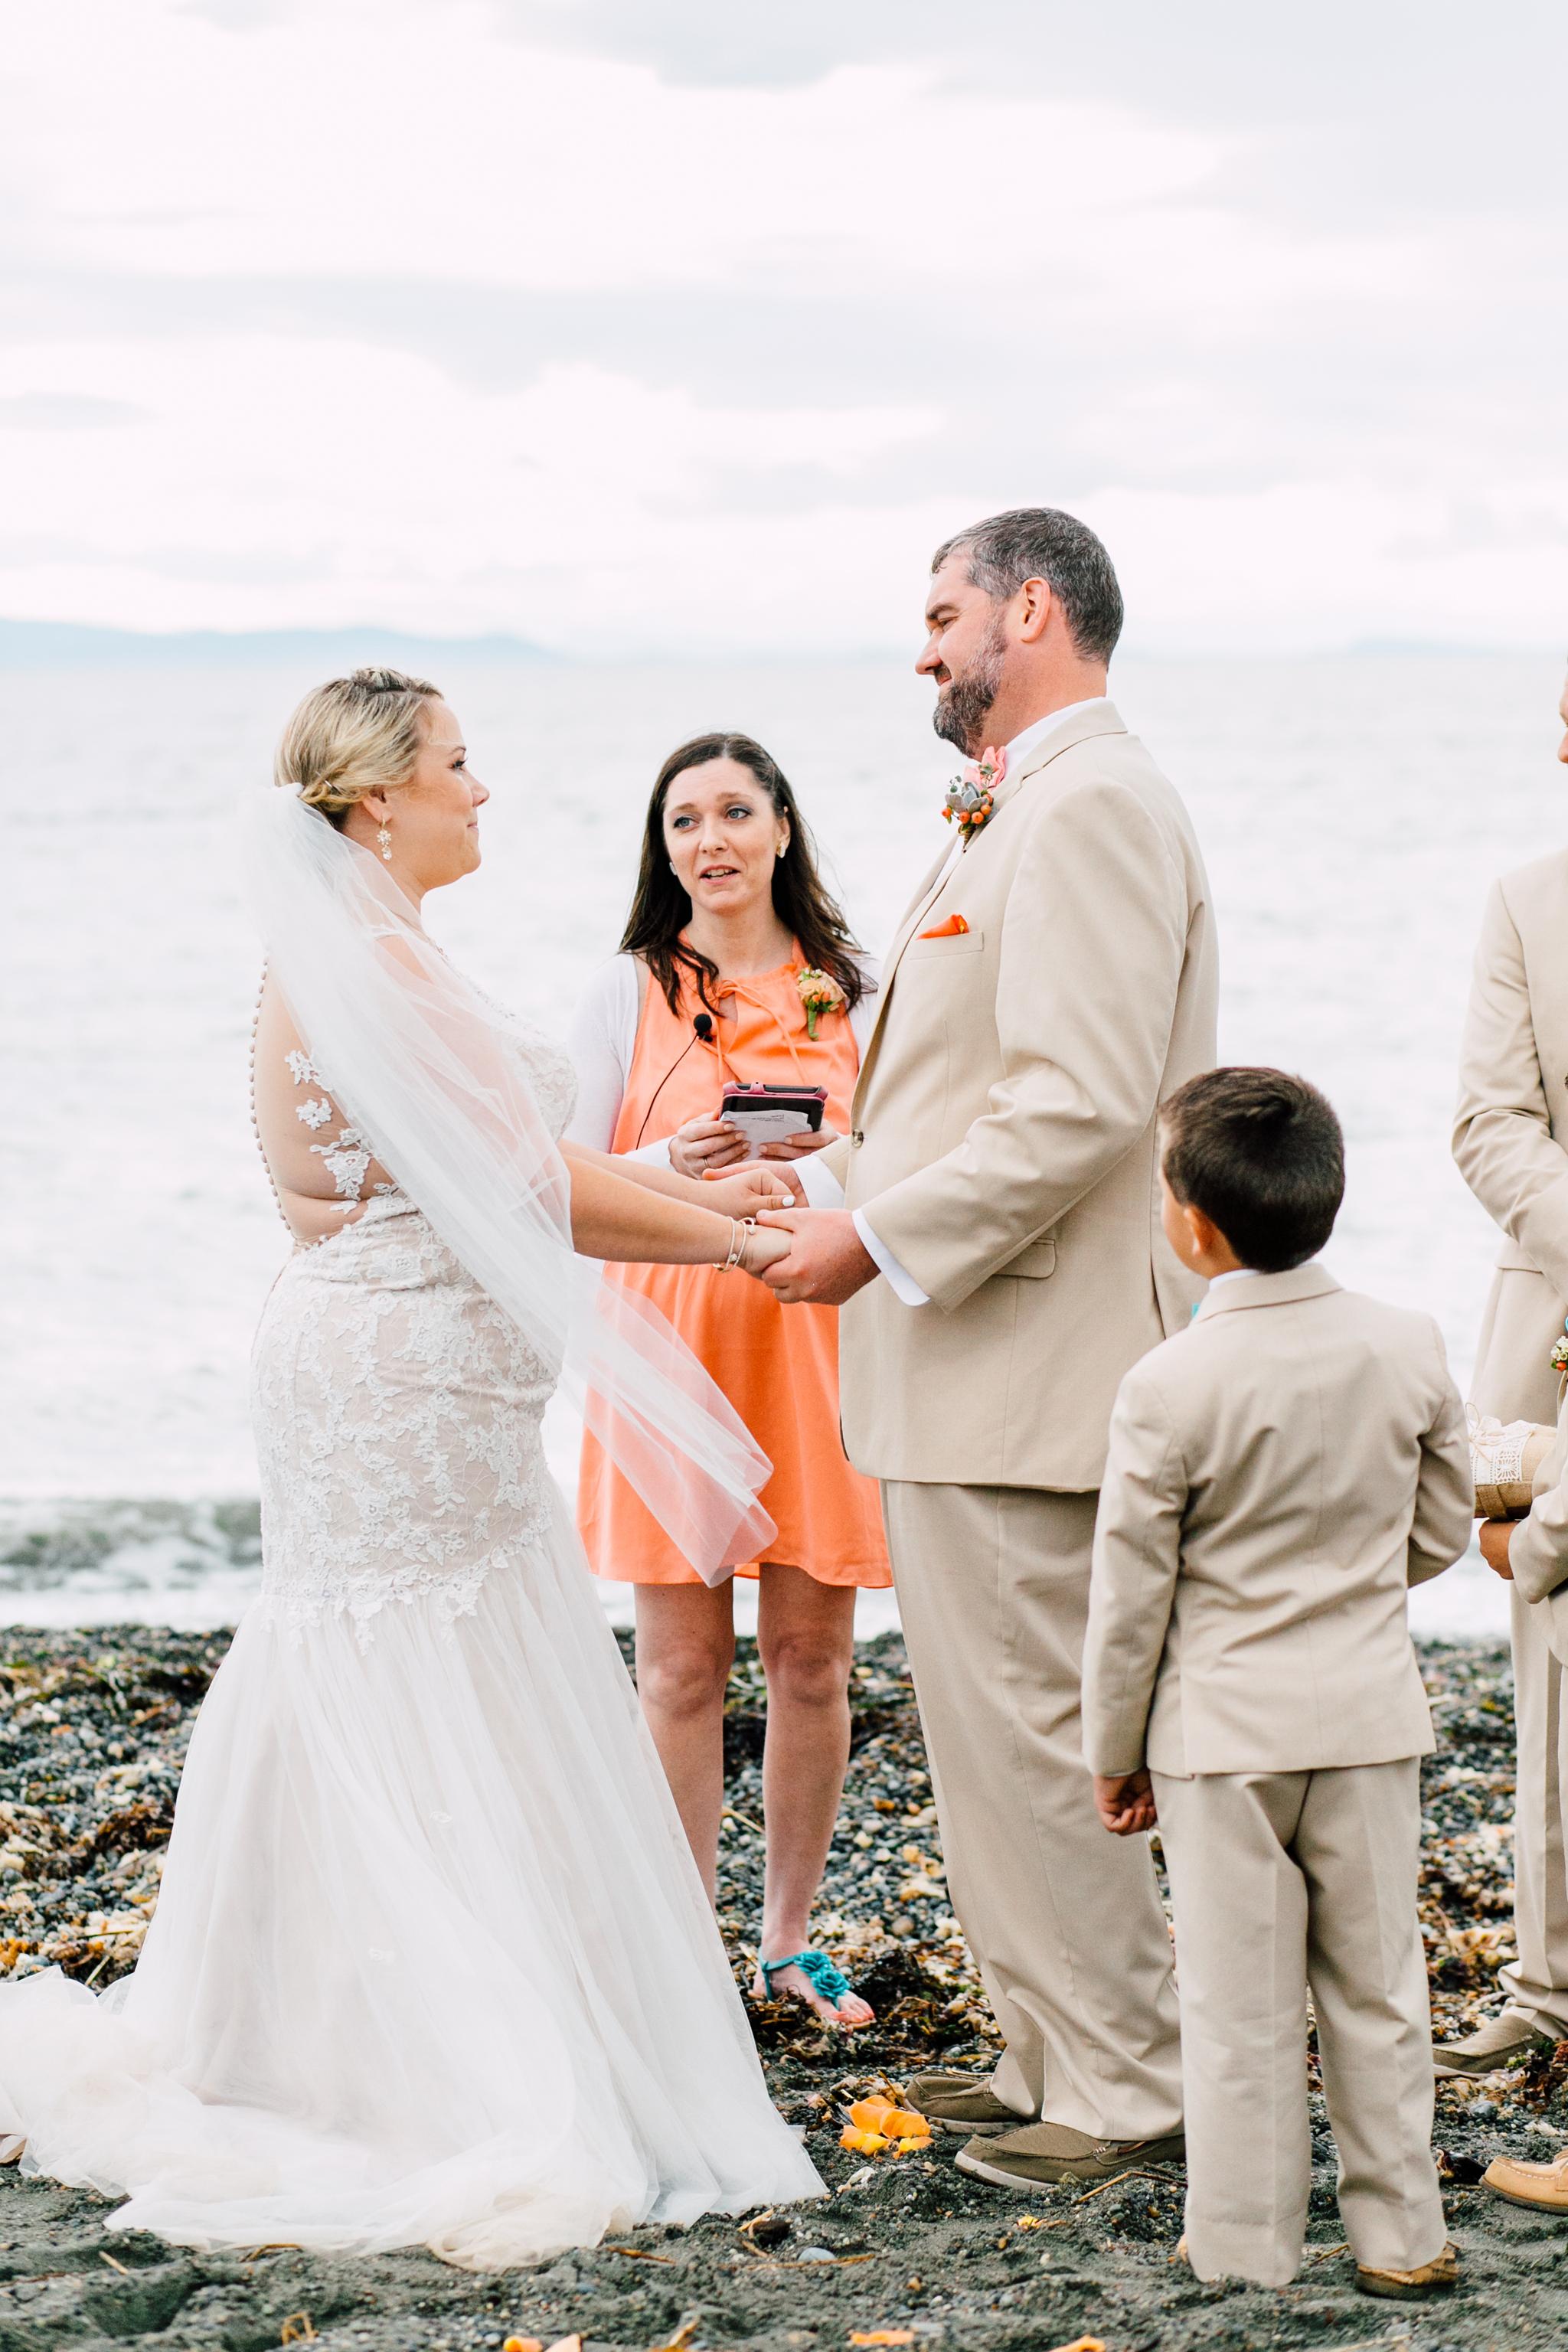 066-bellingham-wedding-photographer-beach-katheryn-moran-elisa-phillip.jpg